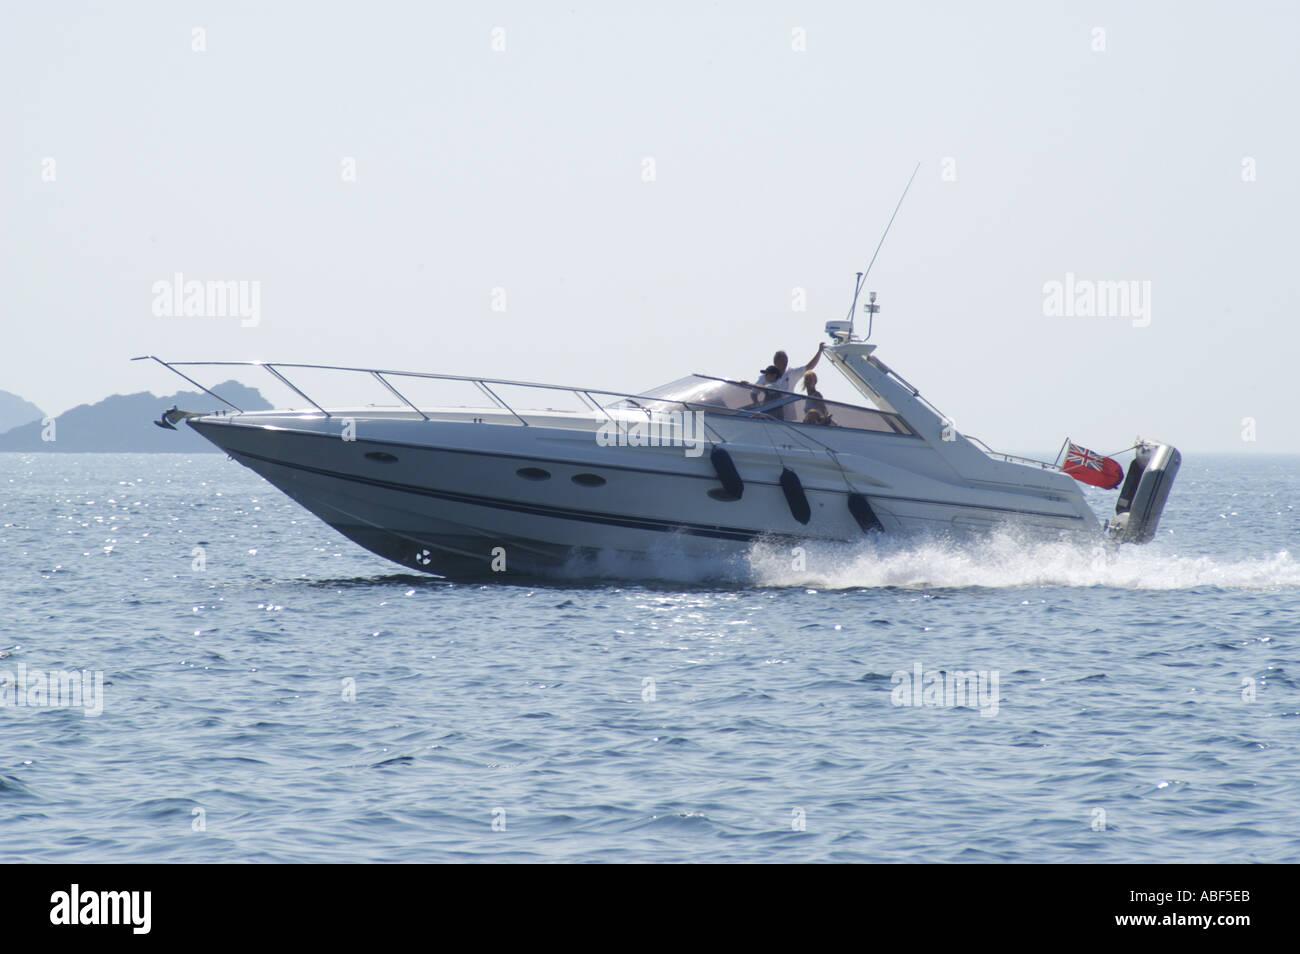 3177 Power boat at sea - Stock Image